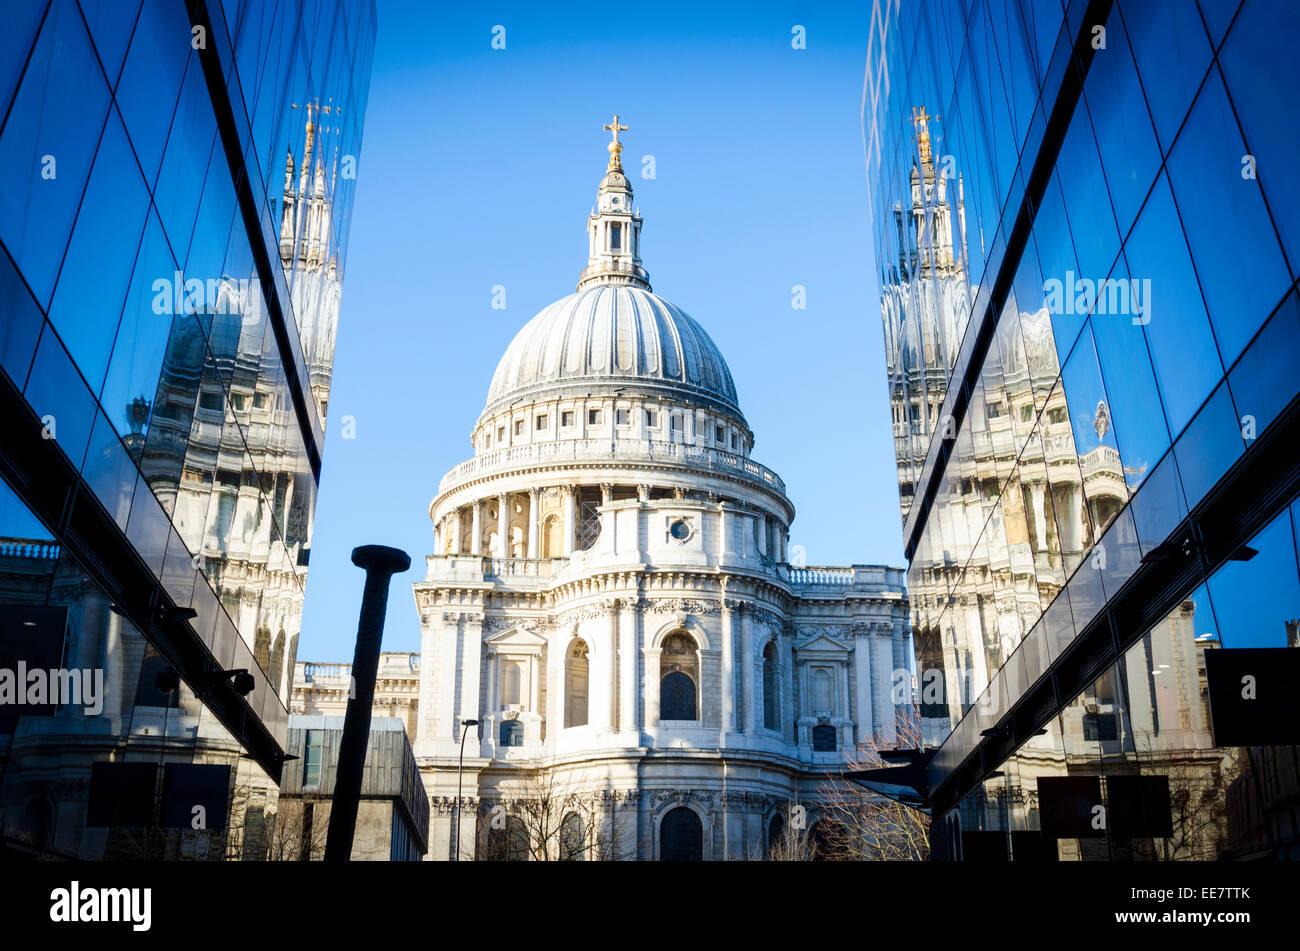 La Cattedrale di St Paul e riflessa nel vetro di un nuovo cambiamento shopping center. Città di Londra, Regno Unito Foto Stock